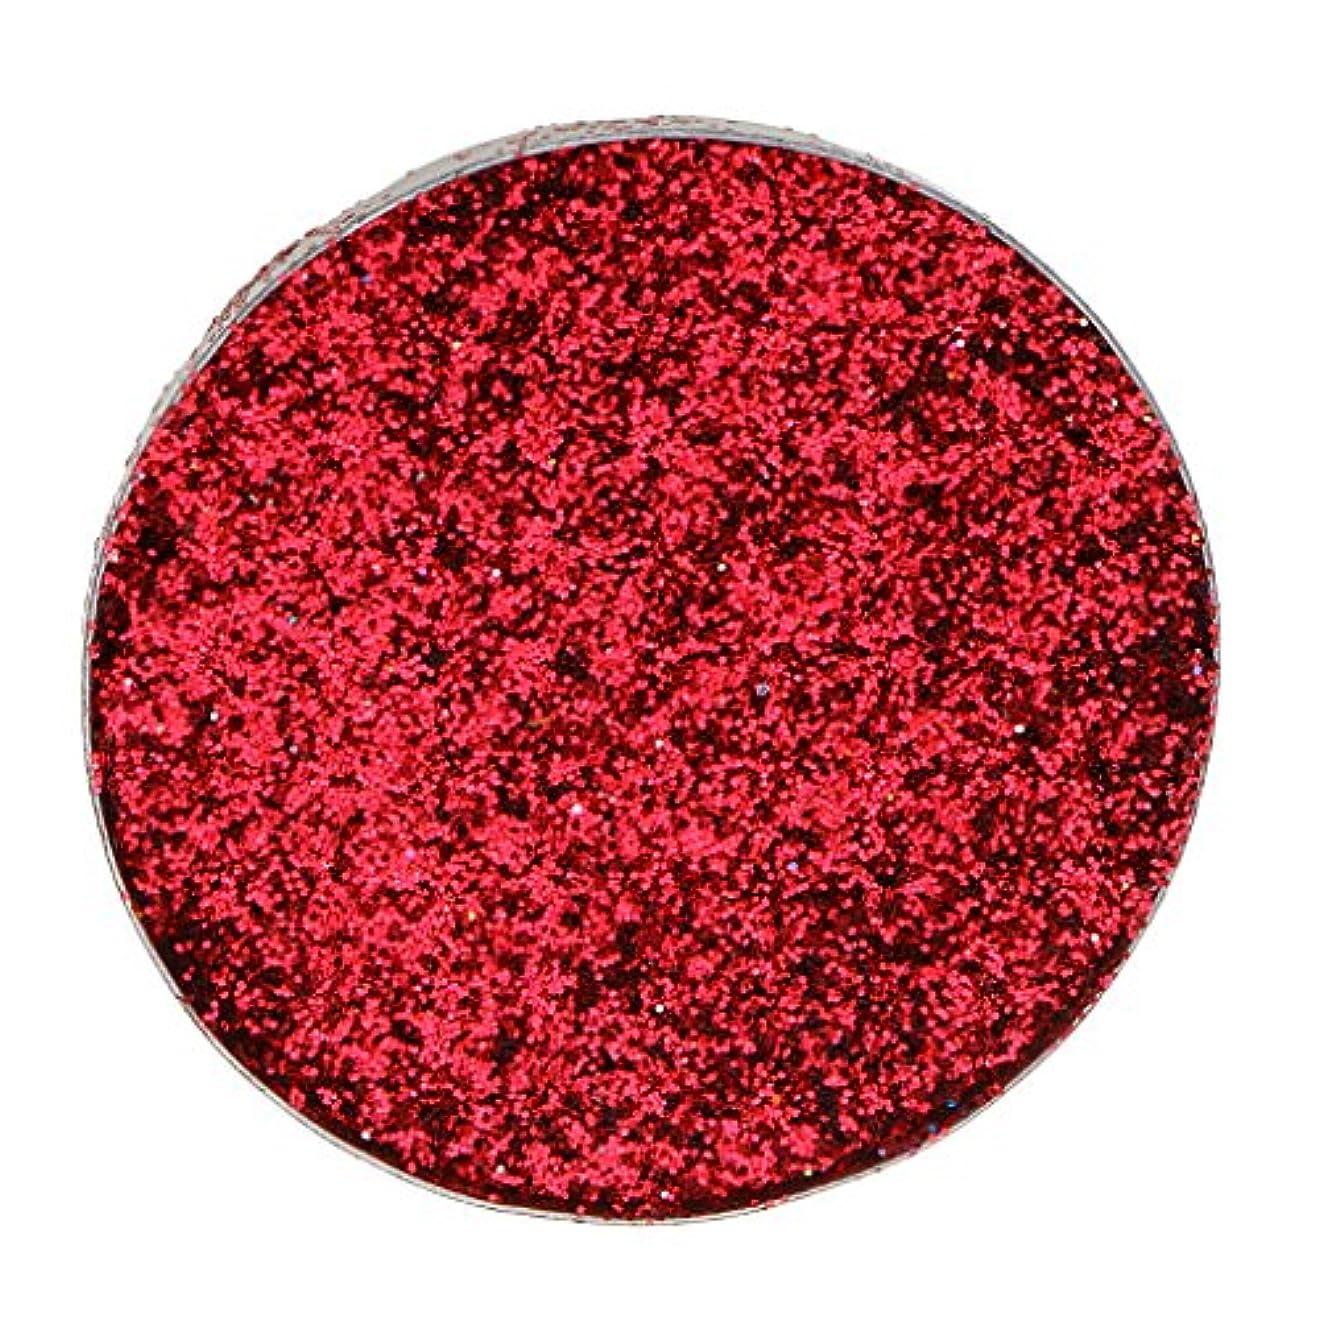 レモンなぜなら全部ダイヤモンドキラキラ輝き輝くメークアッププレスアイシャドー顔料 - 赤